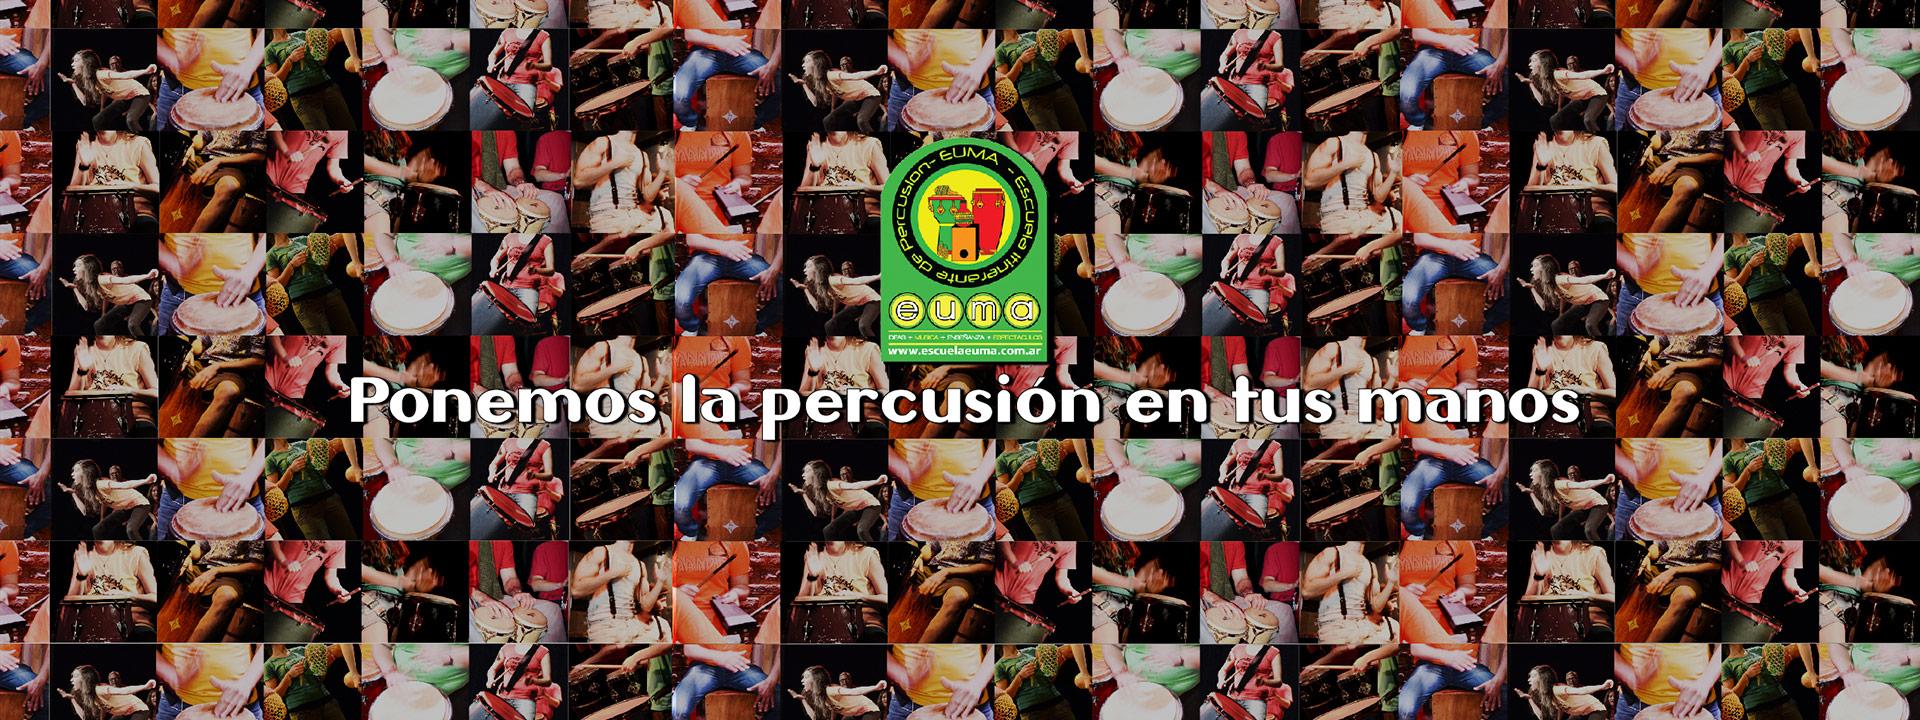 Escuela EUMA ponemos la percusión en tus manos